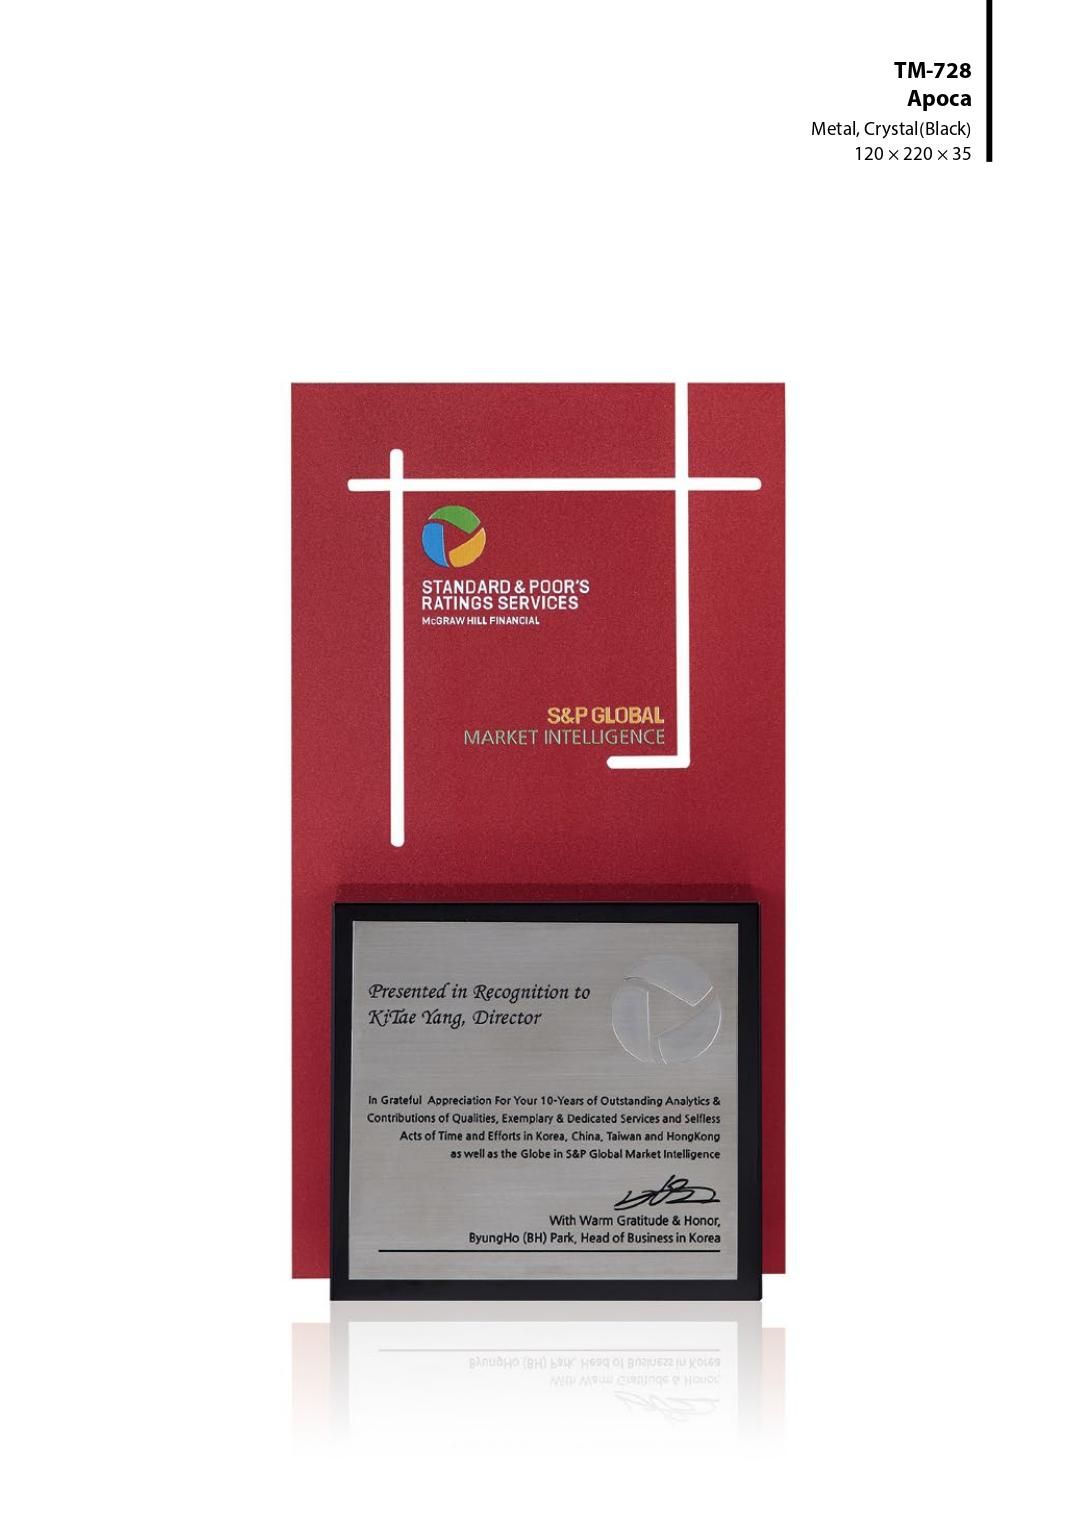 KLPK42024 감사패 공로패 디자인상패 회사행사 상패 트로피 판촉물 제작 케이엘피코리아